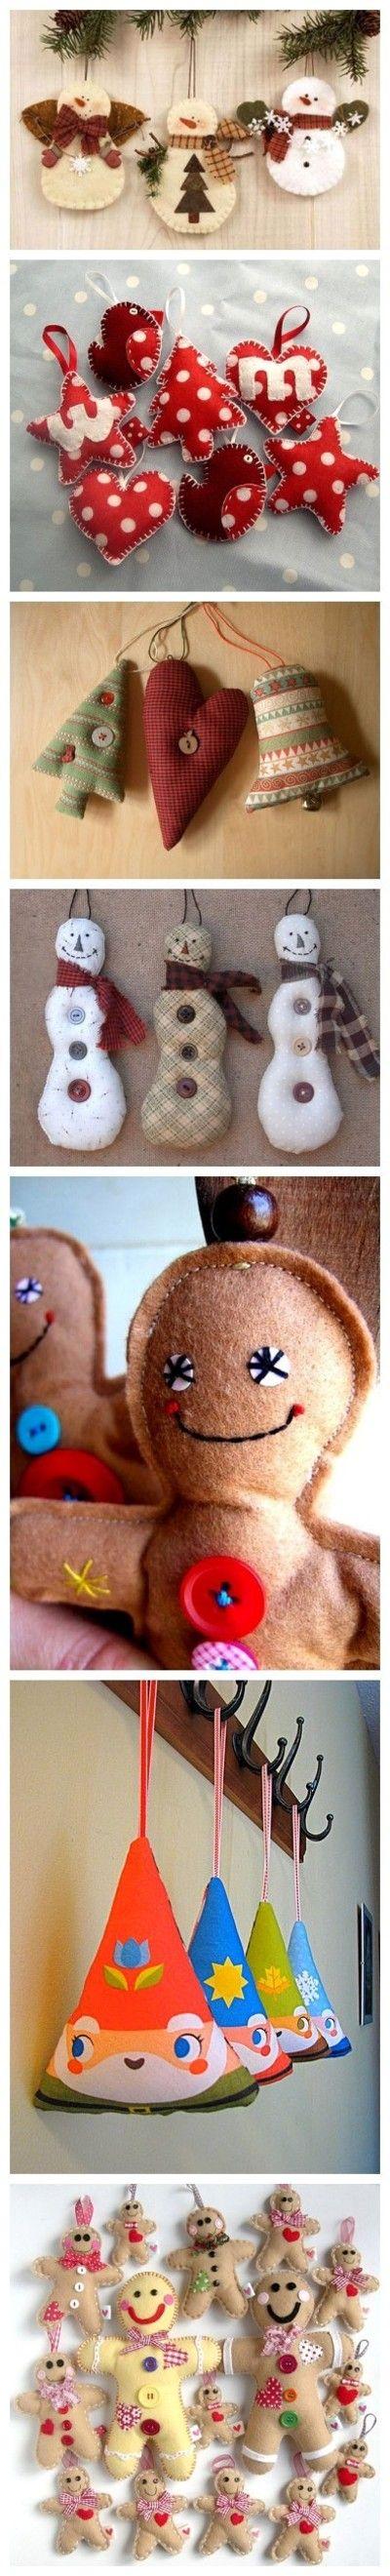 超可爱的手工品,圣诞节的时候自己制作一个吧. - 堆糖 发现生活_收集美好_分享图片